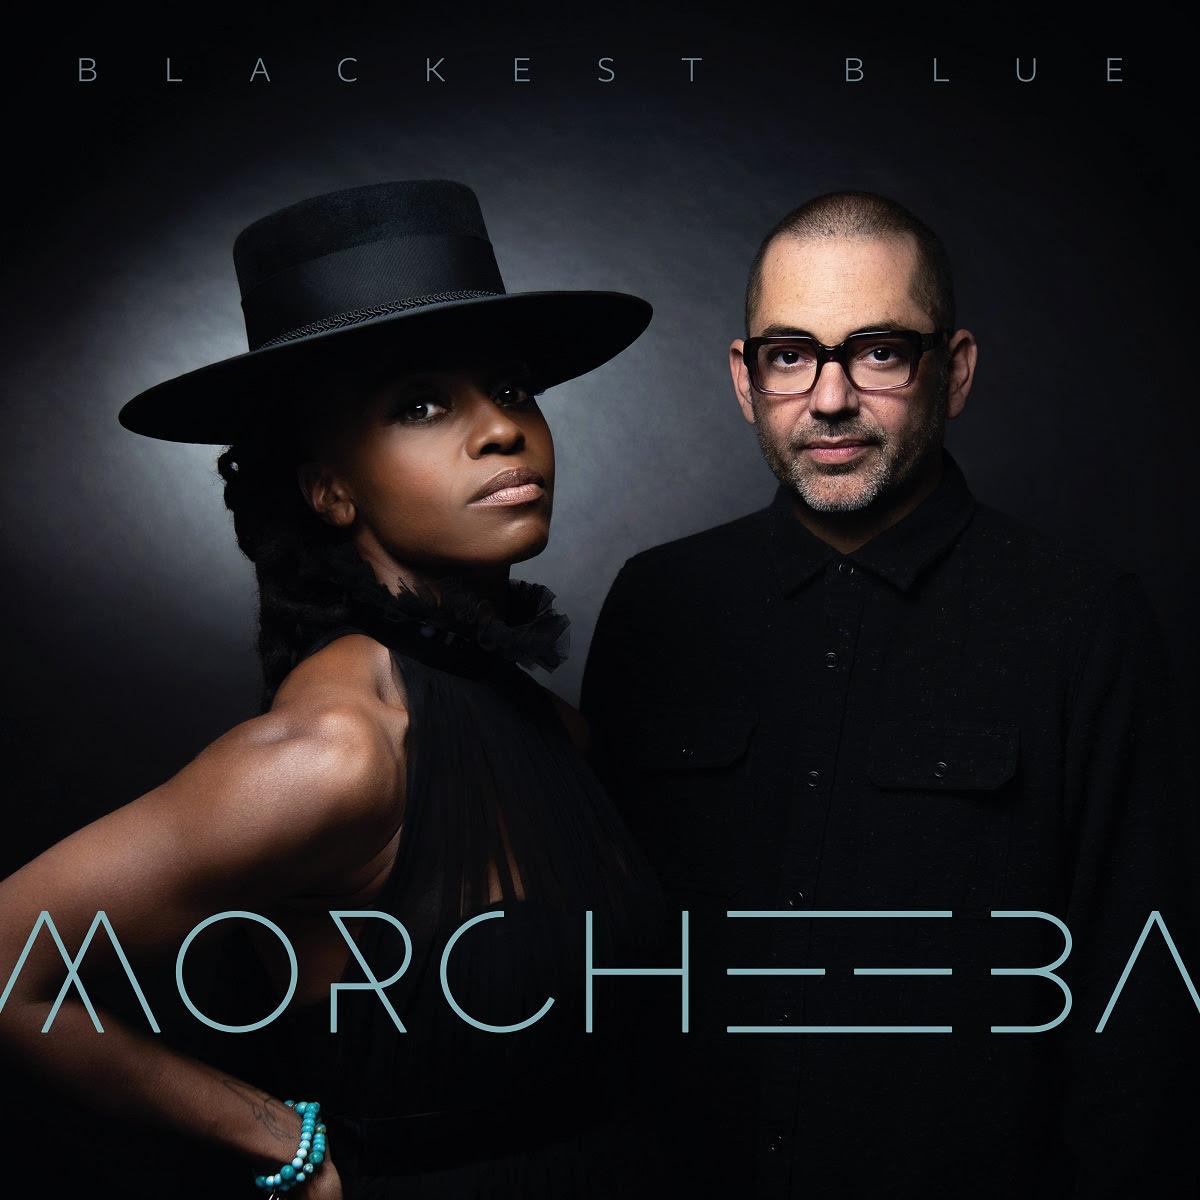 MORCHEEBA - fuori oggi 14 maggio il nuovo album BLACKEST BLUE